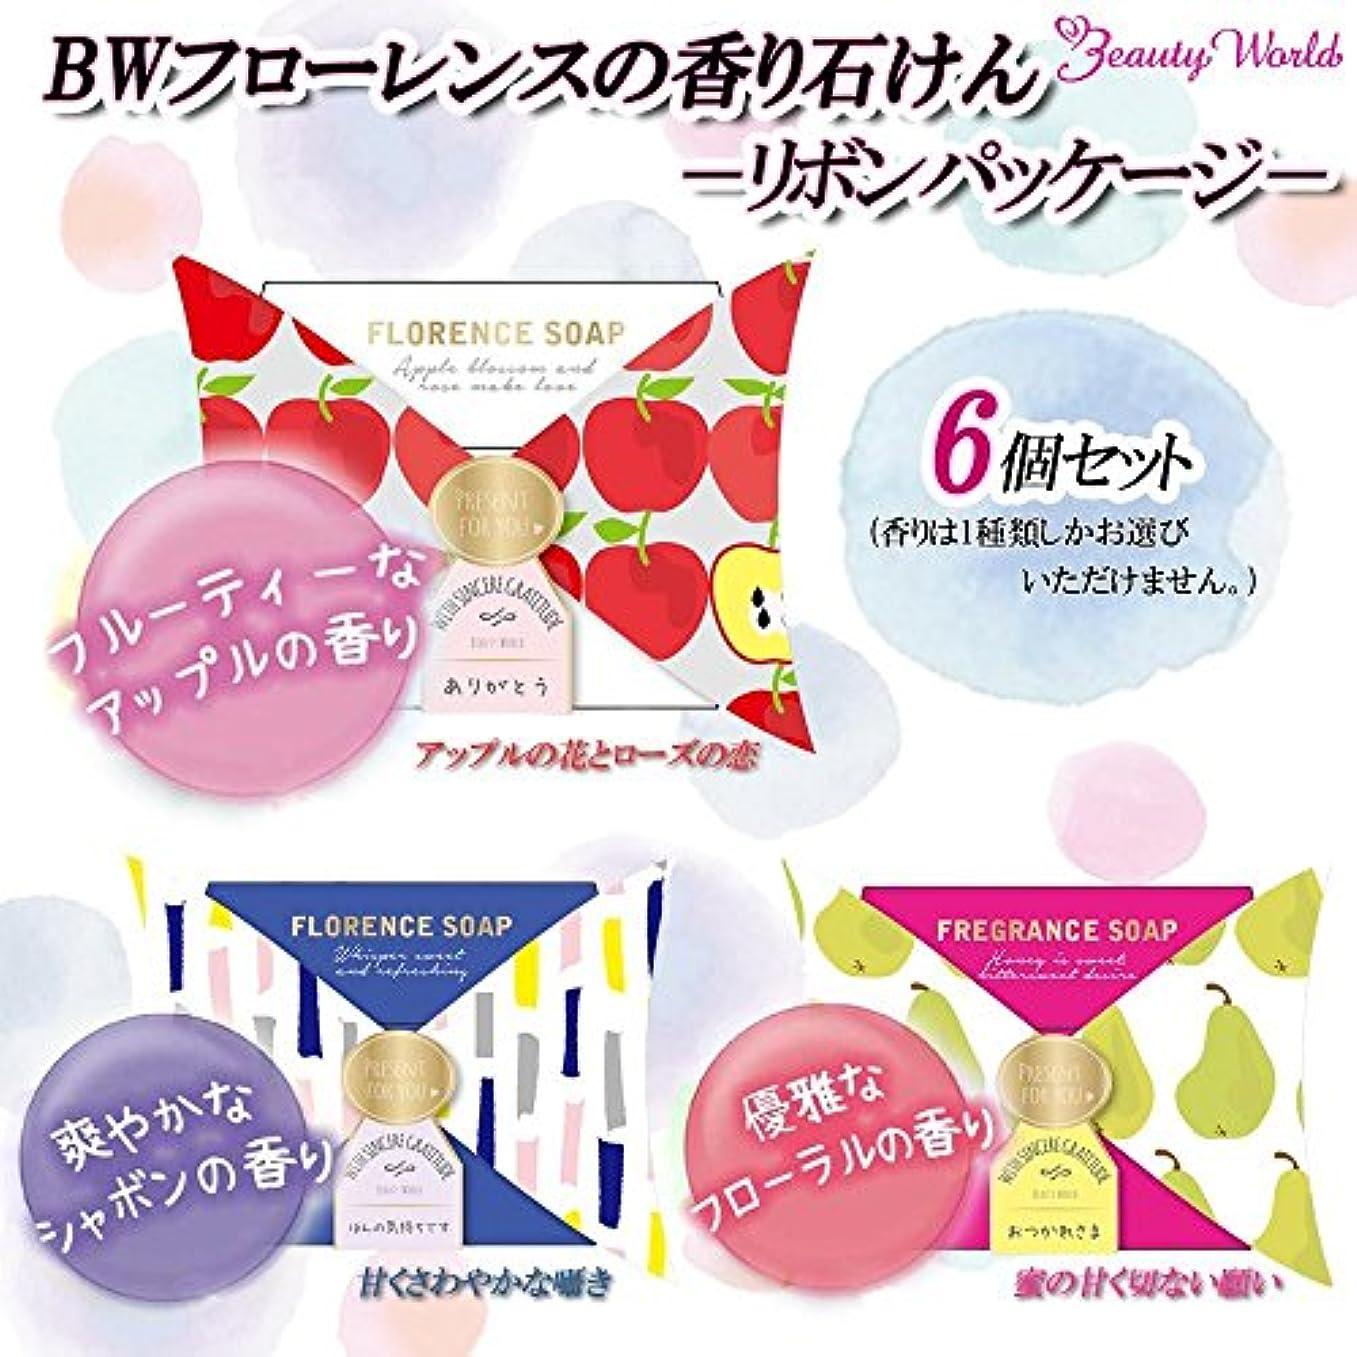 ビューティーワールド BWフローレンスの香り石けん リボンパッケージ 6個セット ■3種類の内「FSP385?甘くさわやかな囁き」を1点のみです